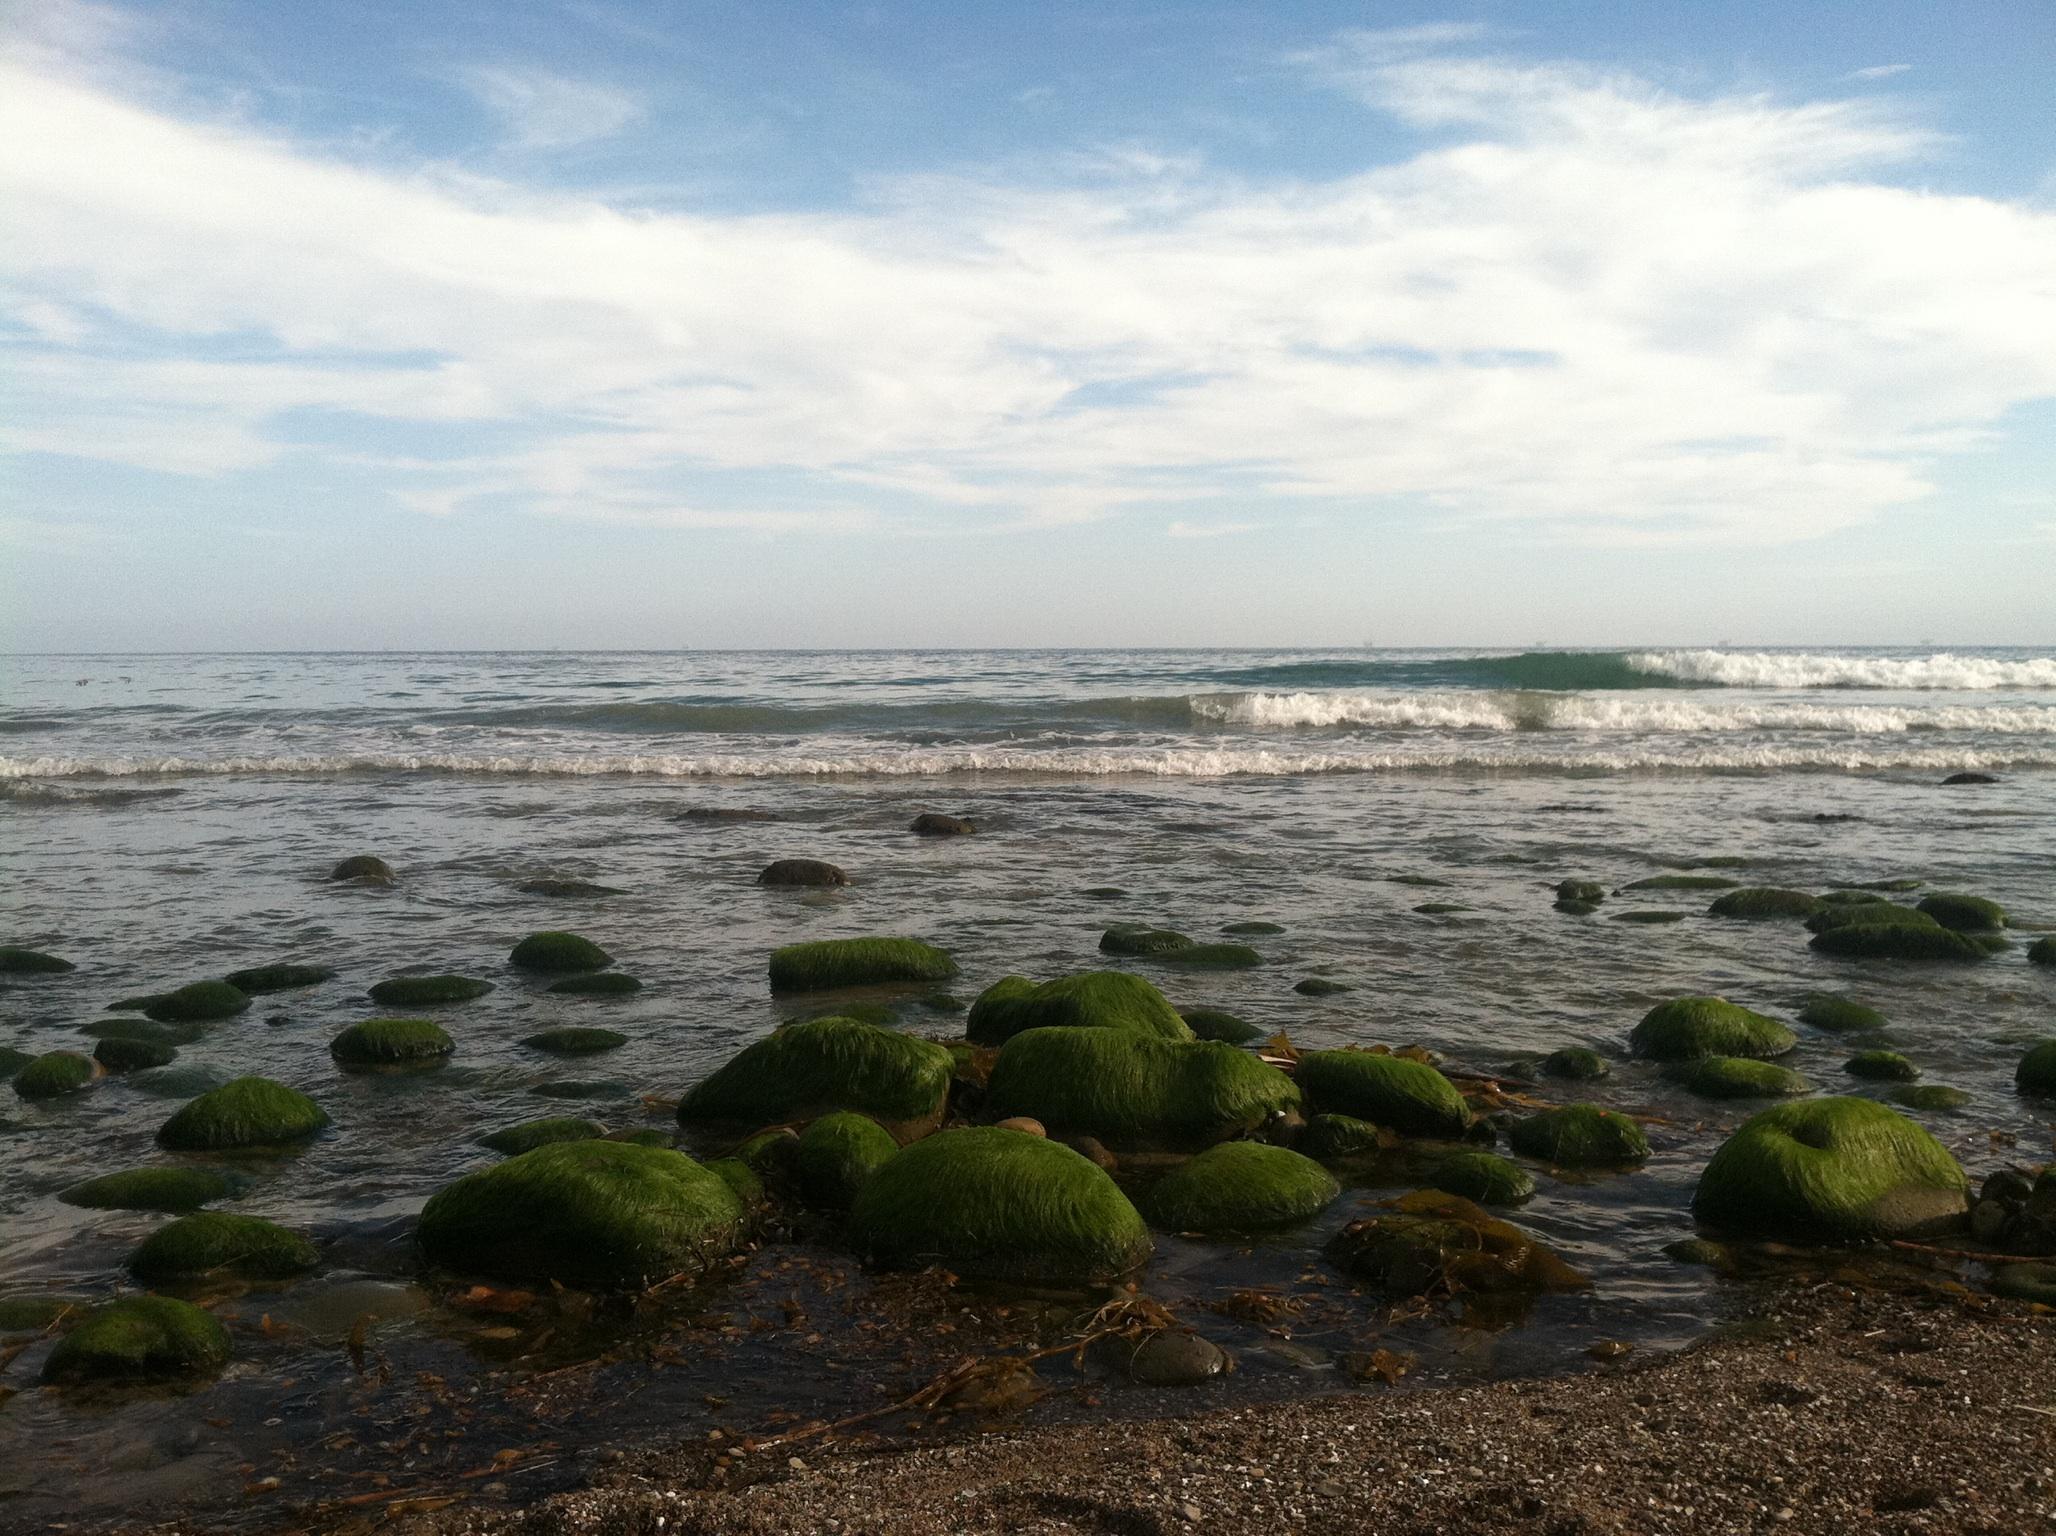 Santa Barbara Beach View